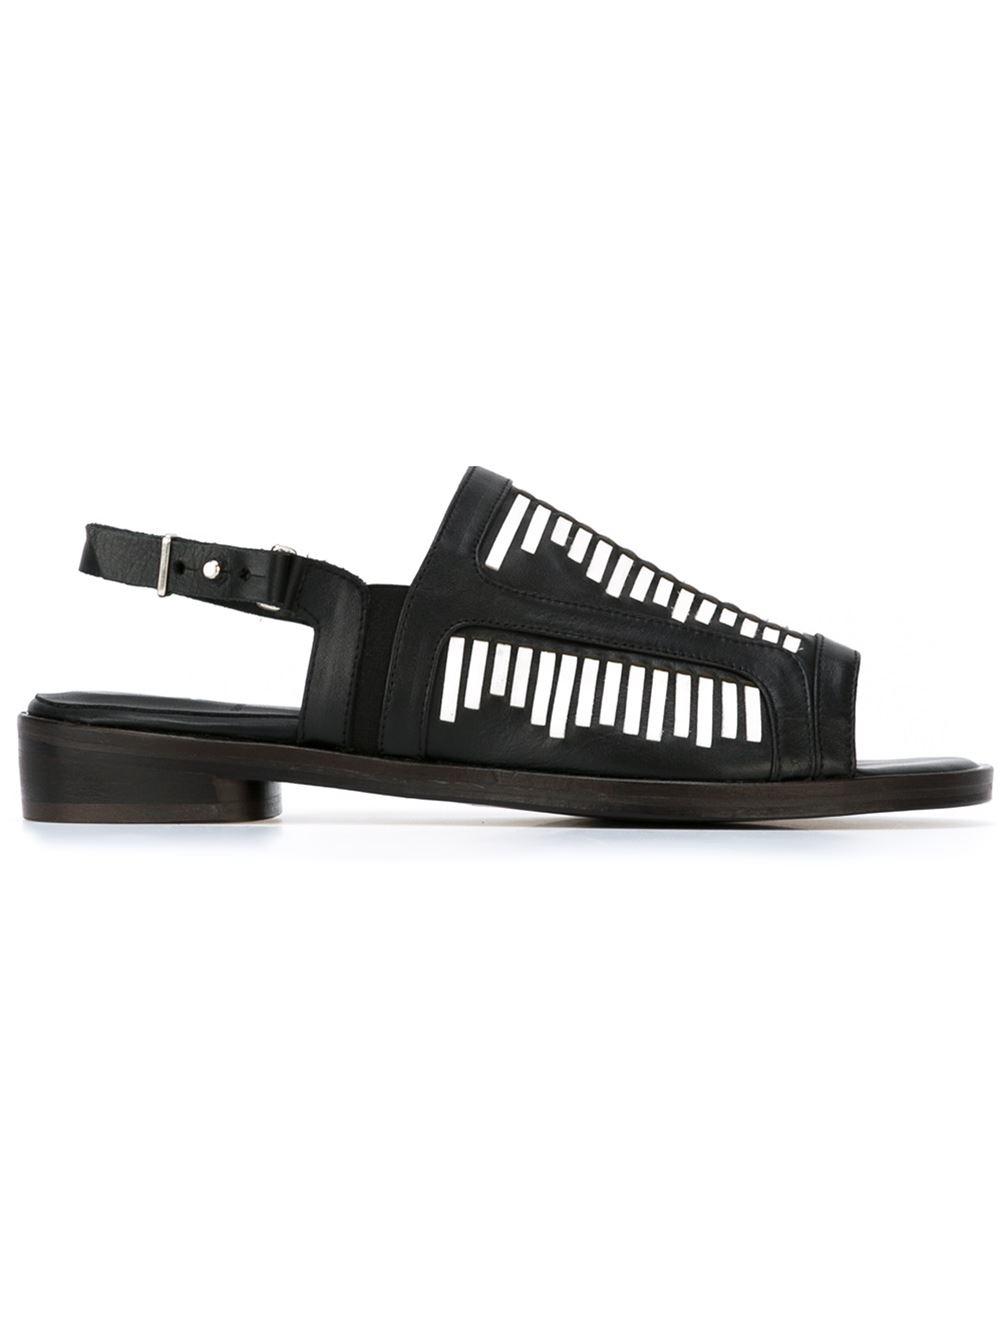 Thakoon Shoes Buy